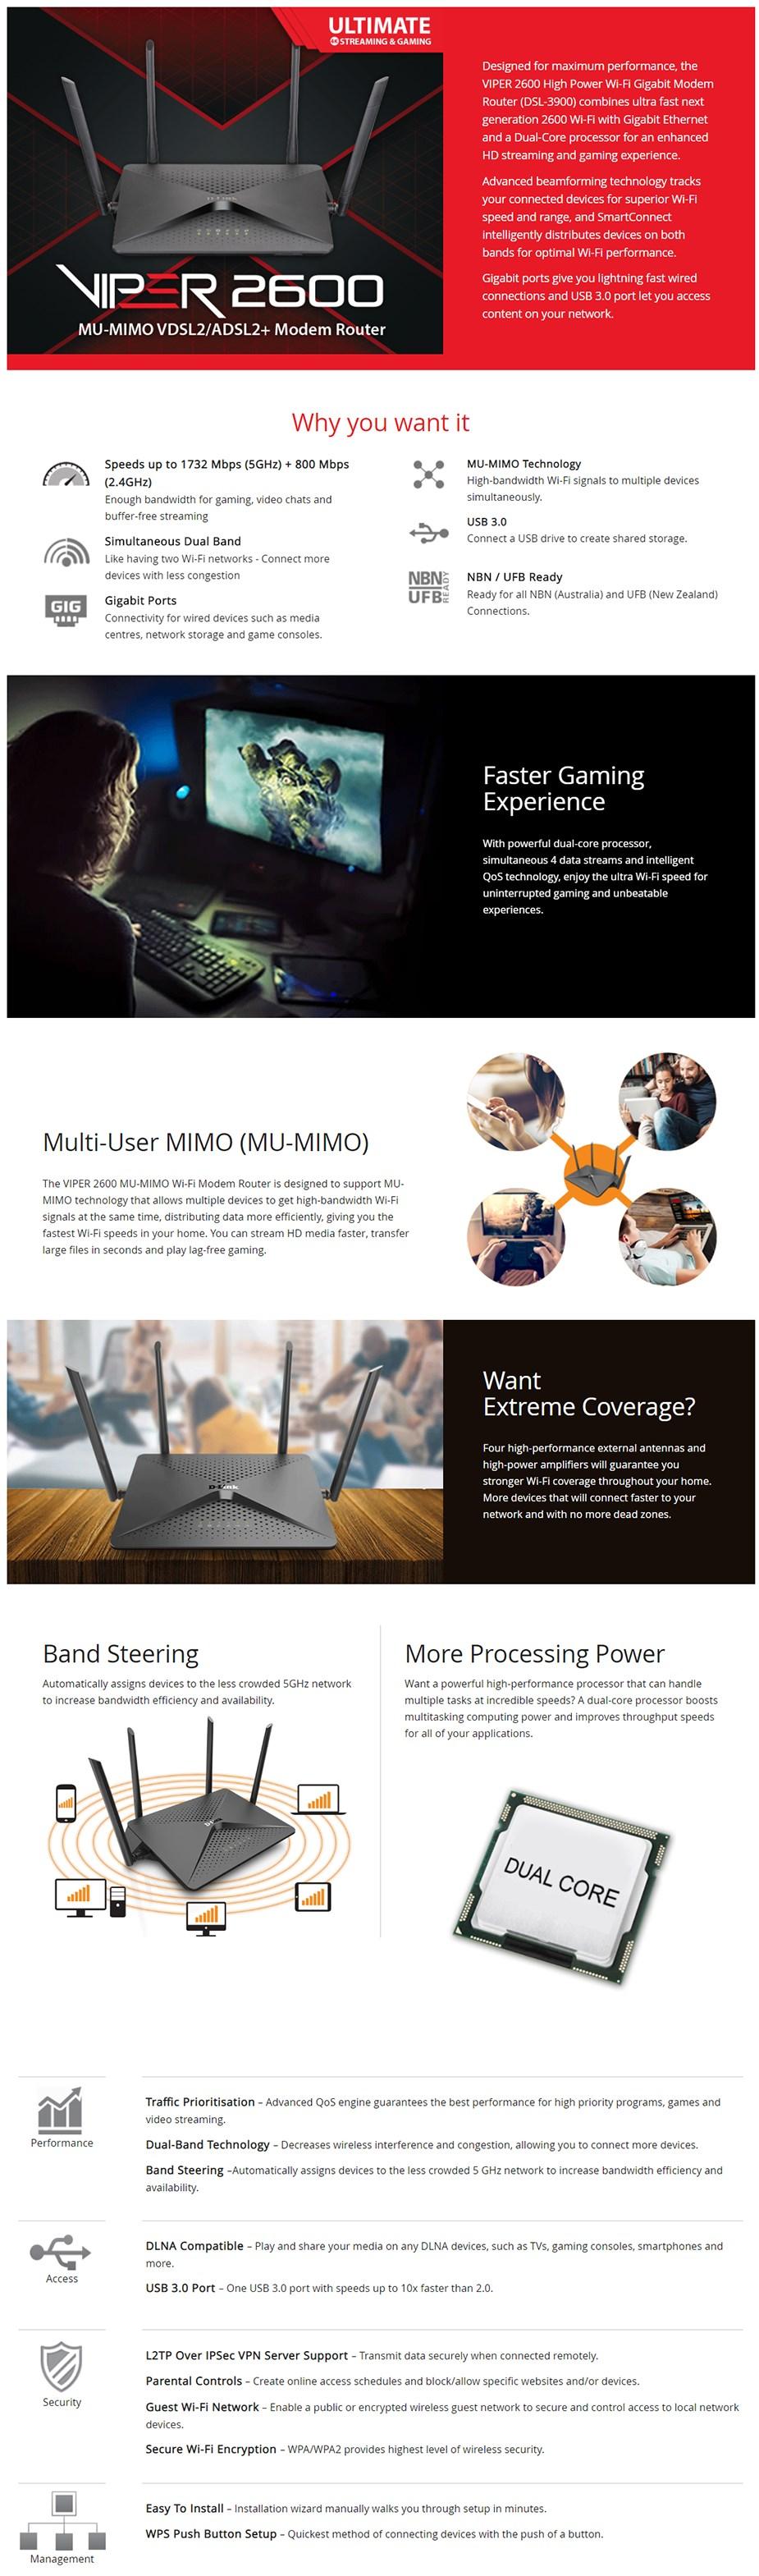 D-Link DSL-3900 Viper 2600 Dual-Band VDSL2/ADSL2+ Modem Router - Desktop Overview 1